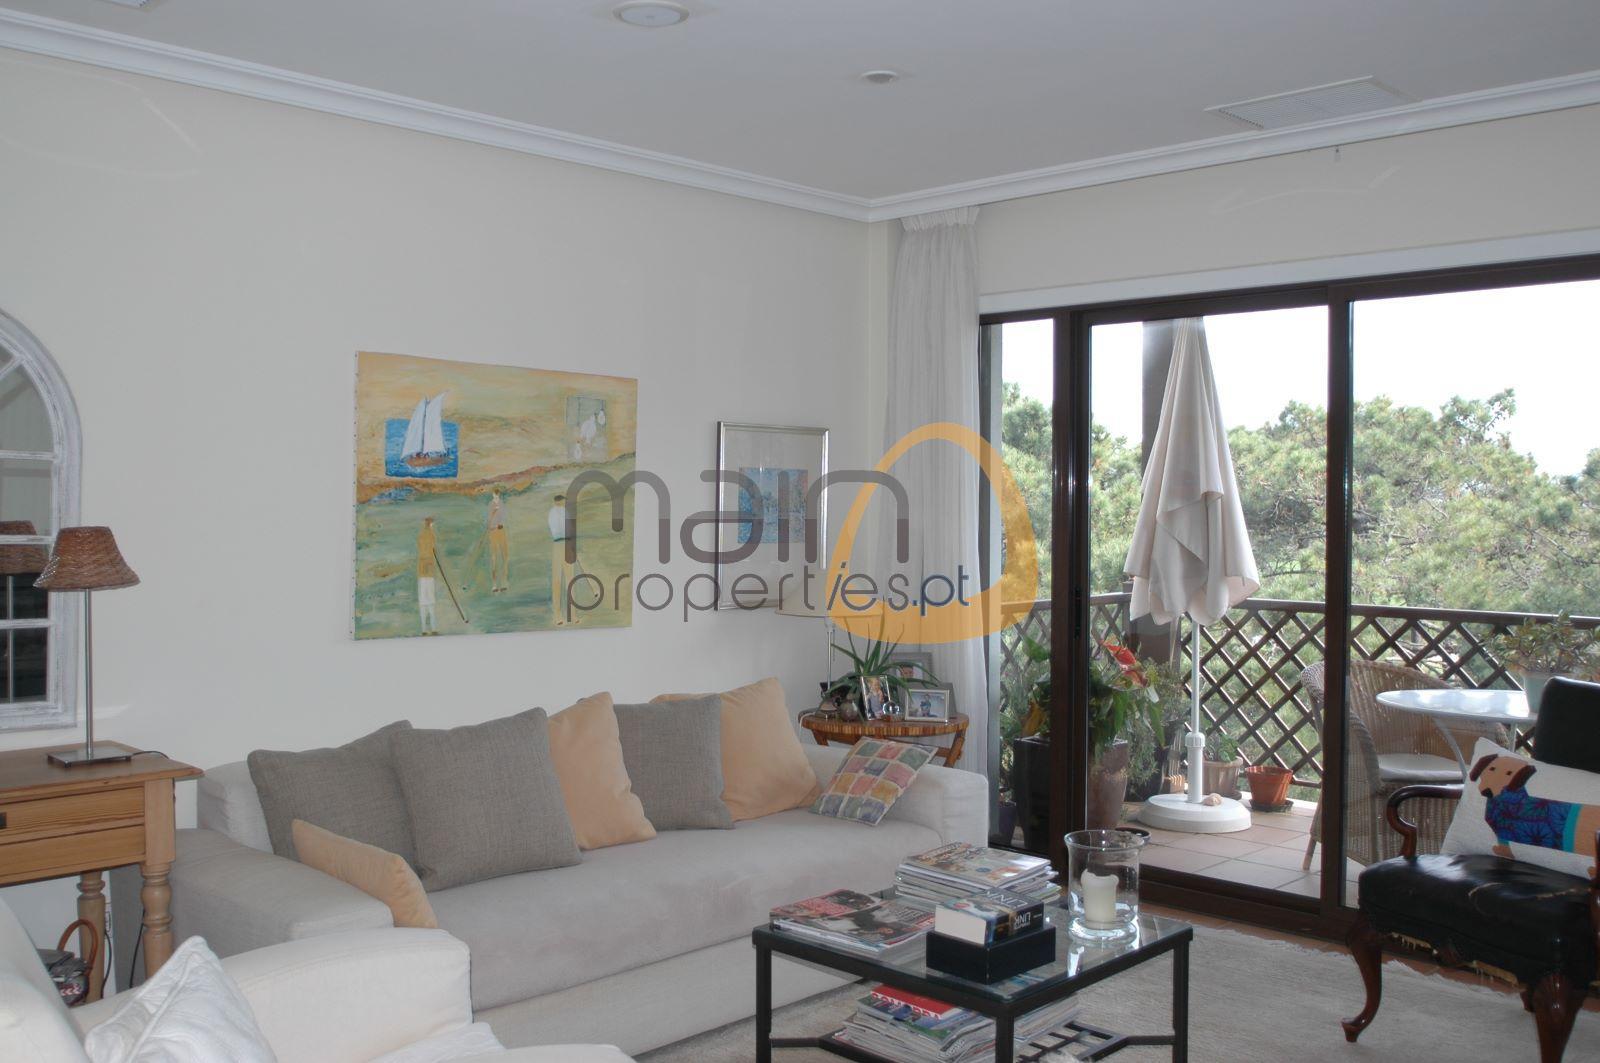 Apartamento de luxo com 2 quartos com piscina próximo da praia em Albufeira MP112PG